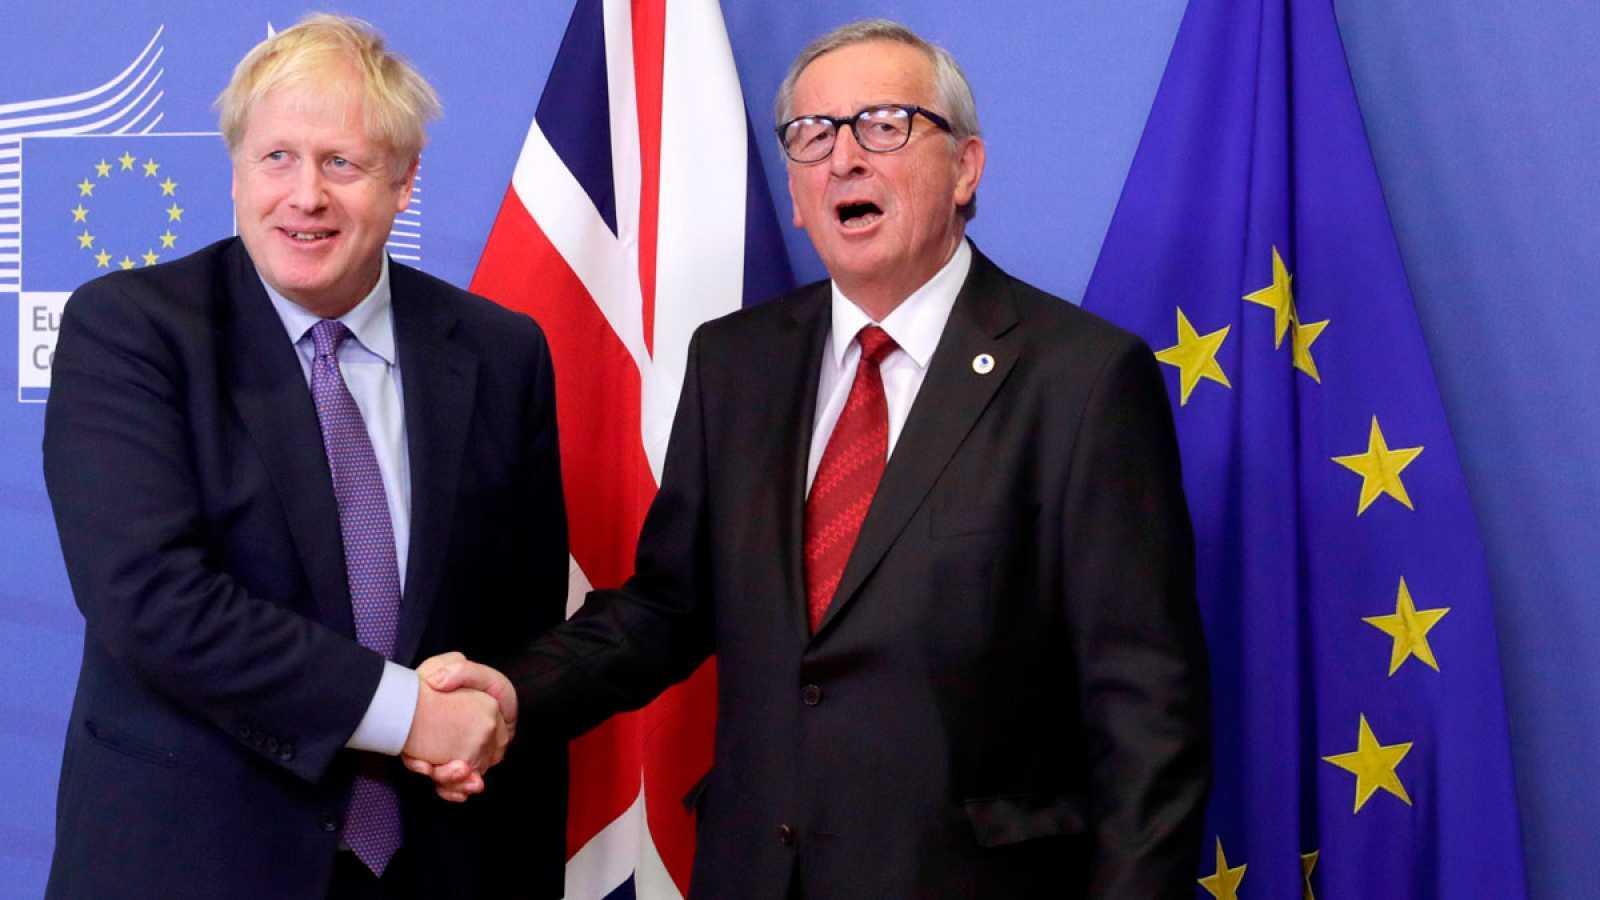 LaUnión Europea y el Gobierno de Reino Unidoque encabeza Boris Johnsonhan cerrado unacuerdo para llevar a cabo unBrexitordenado, justo a tiempo para que los líderes europeos lo revisen este jueves en la cumbre que celebran en Bruselas, si bien